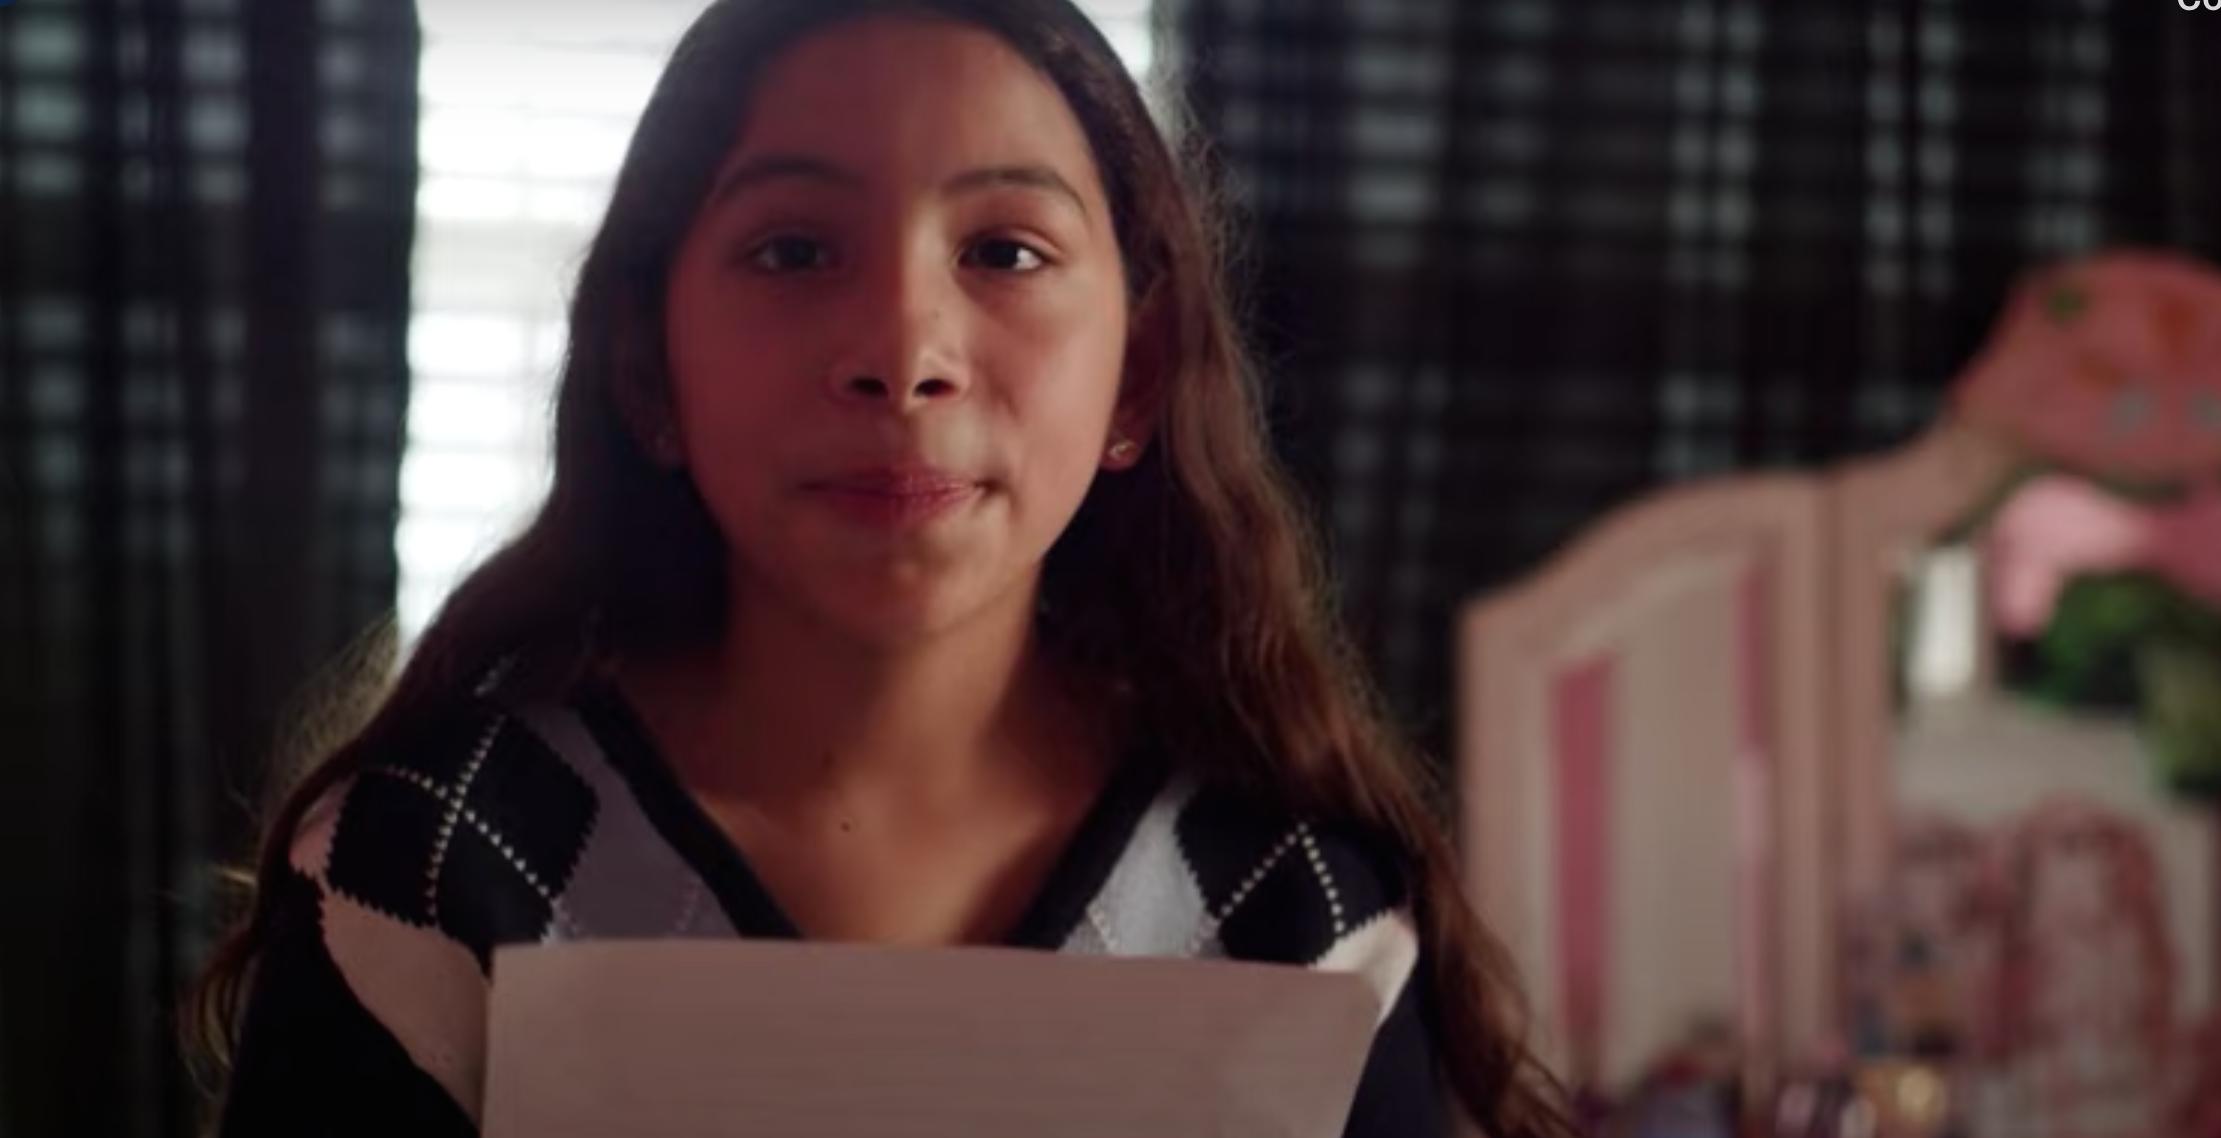 Stella, una niña de 11 años, lee una carta dirigida a Donald Trump quien la separó de su madre, que fue deportada por no tener documentación.